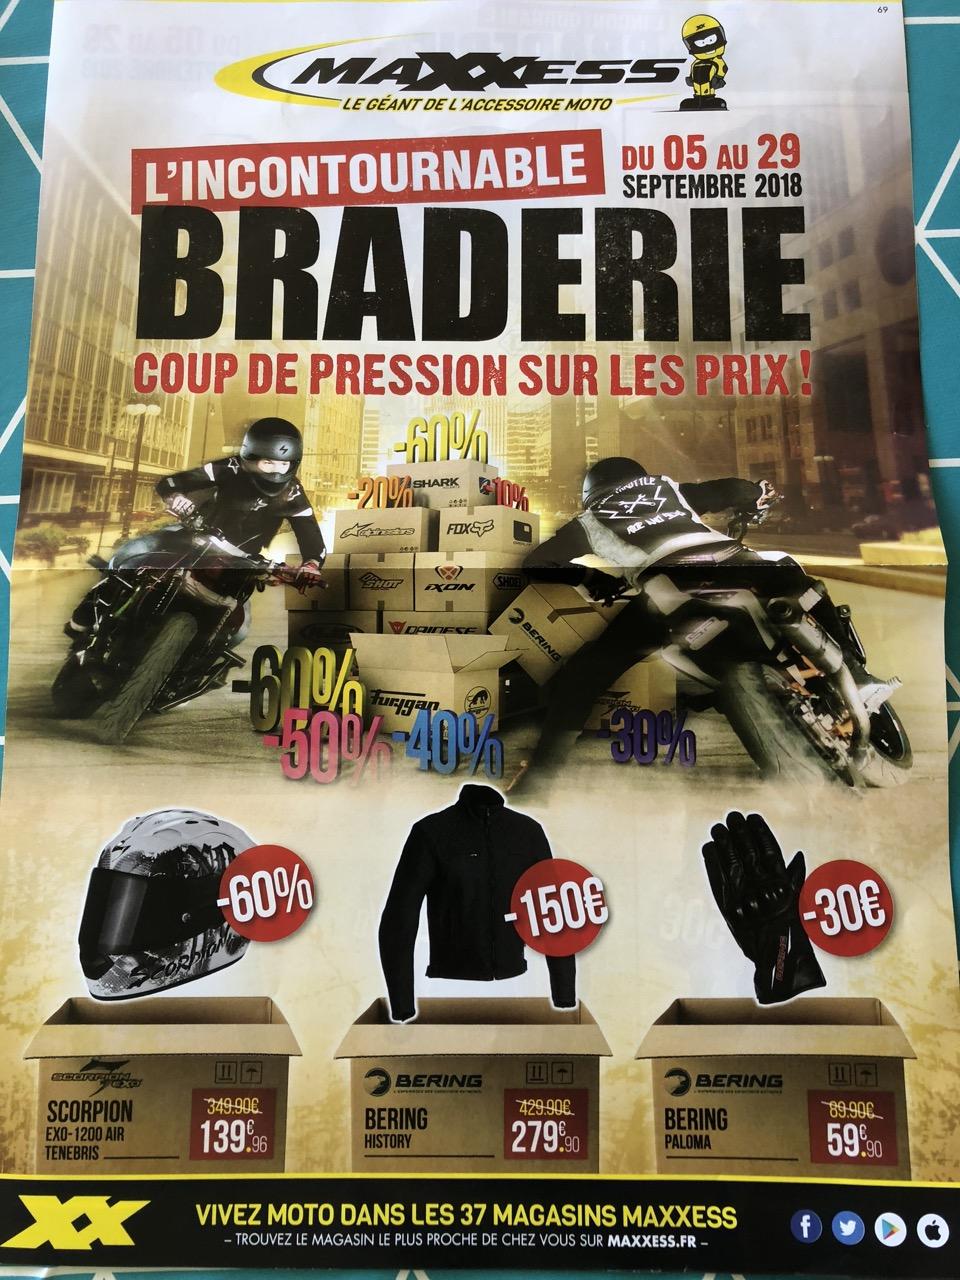 Sélection d'articles en promotion  - Ex:  Casque Moto Scorpion Exo 1200 Air (Maxxess)